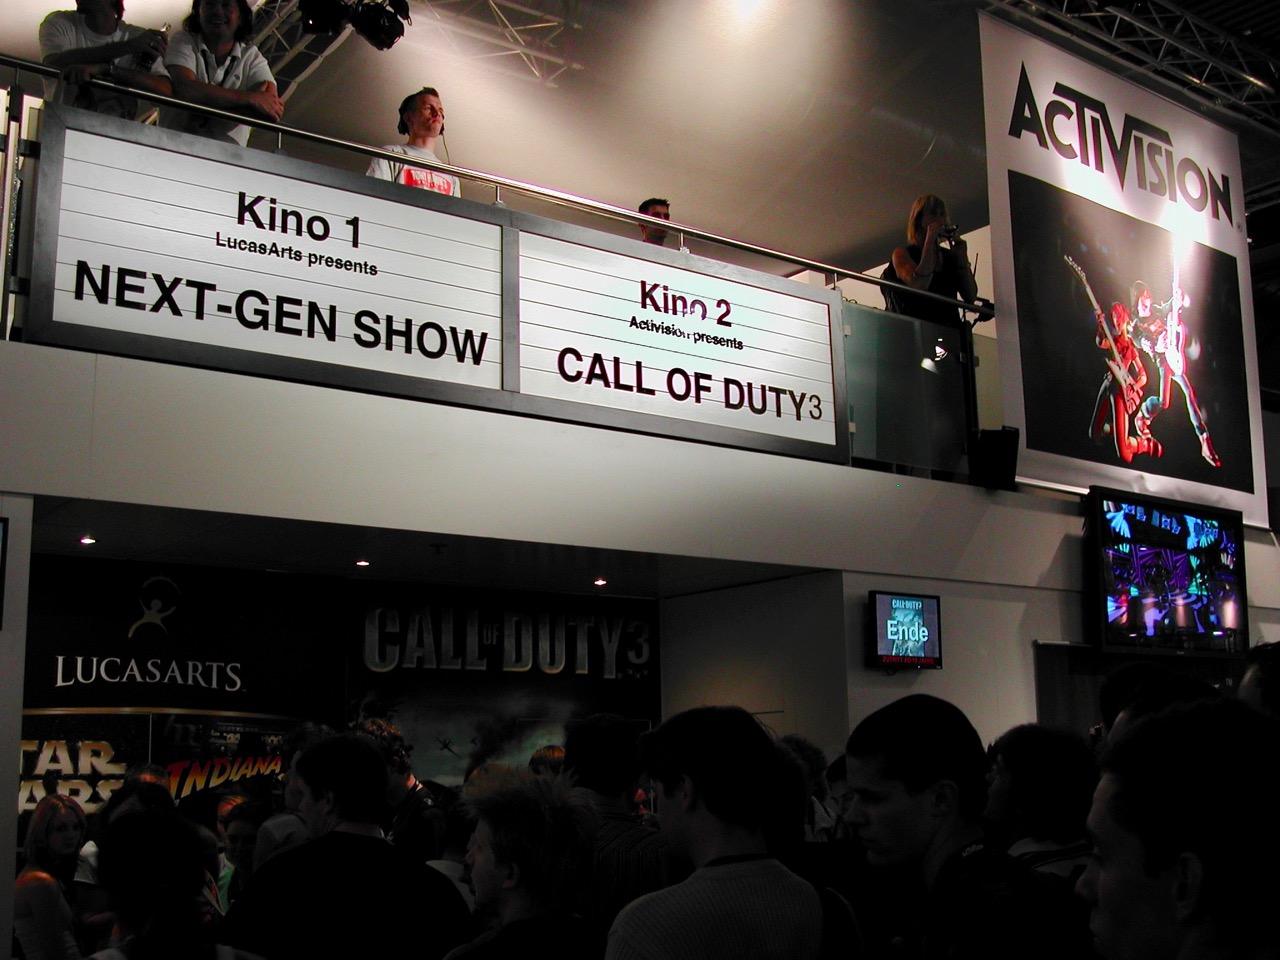 Auf dem Stand von Activision wurde Call of Duty 3 gezeigt. (Bild: André Eymann)